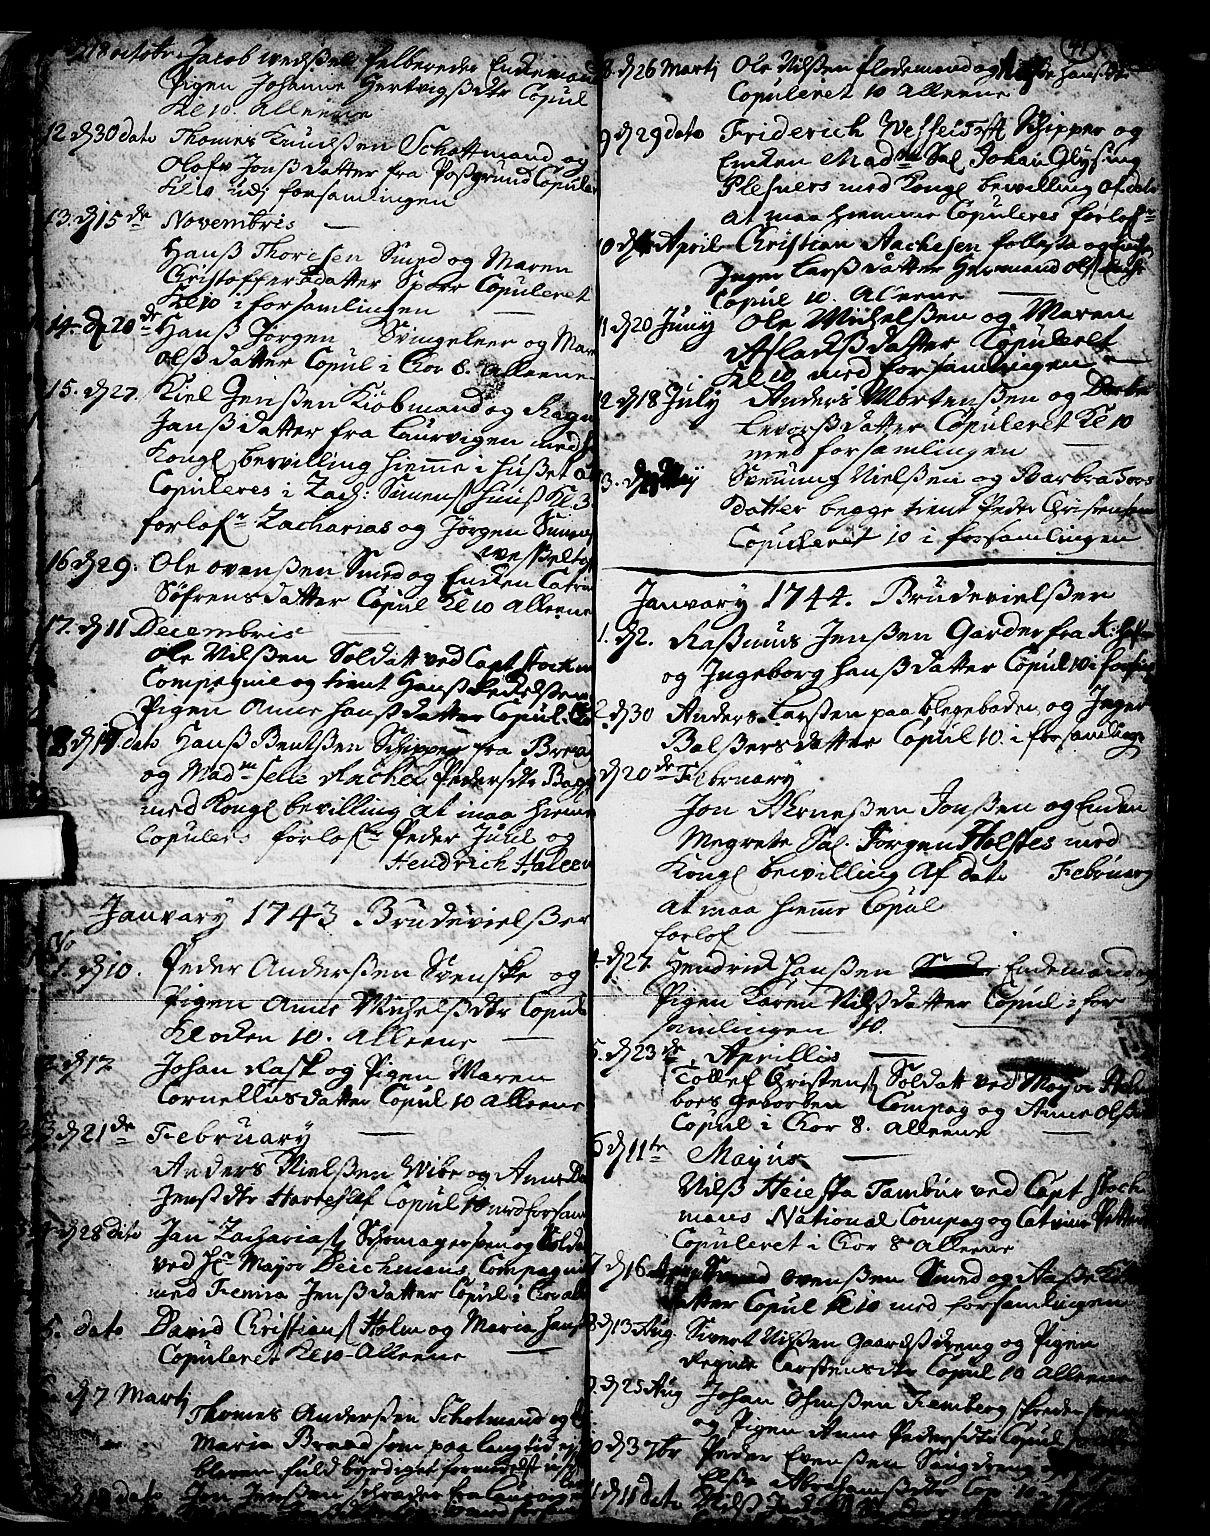 SAKO, Skien kirkebøker, F/Fa/L0002: Ministerialbok nr. 2, 1716-1757, s. 41